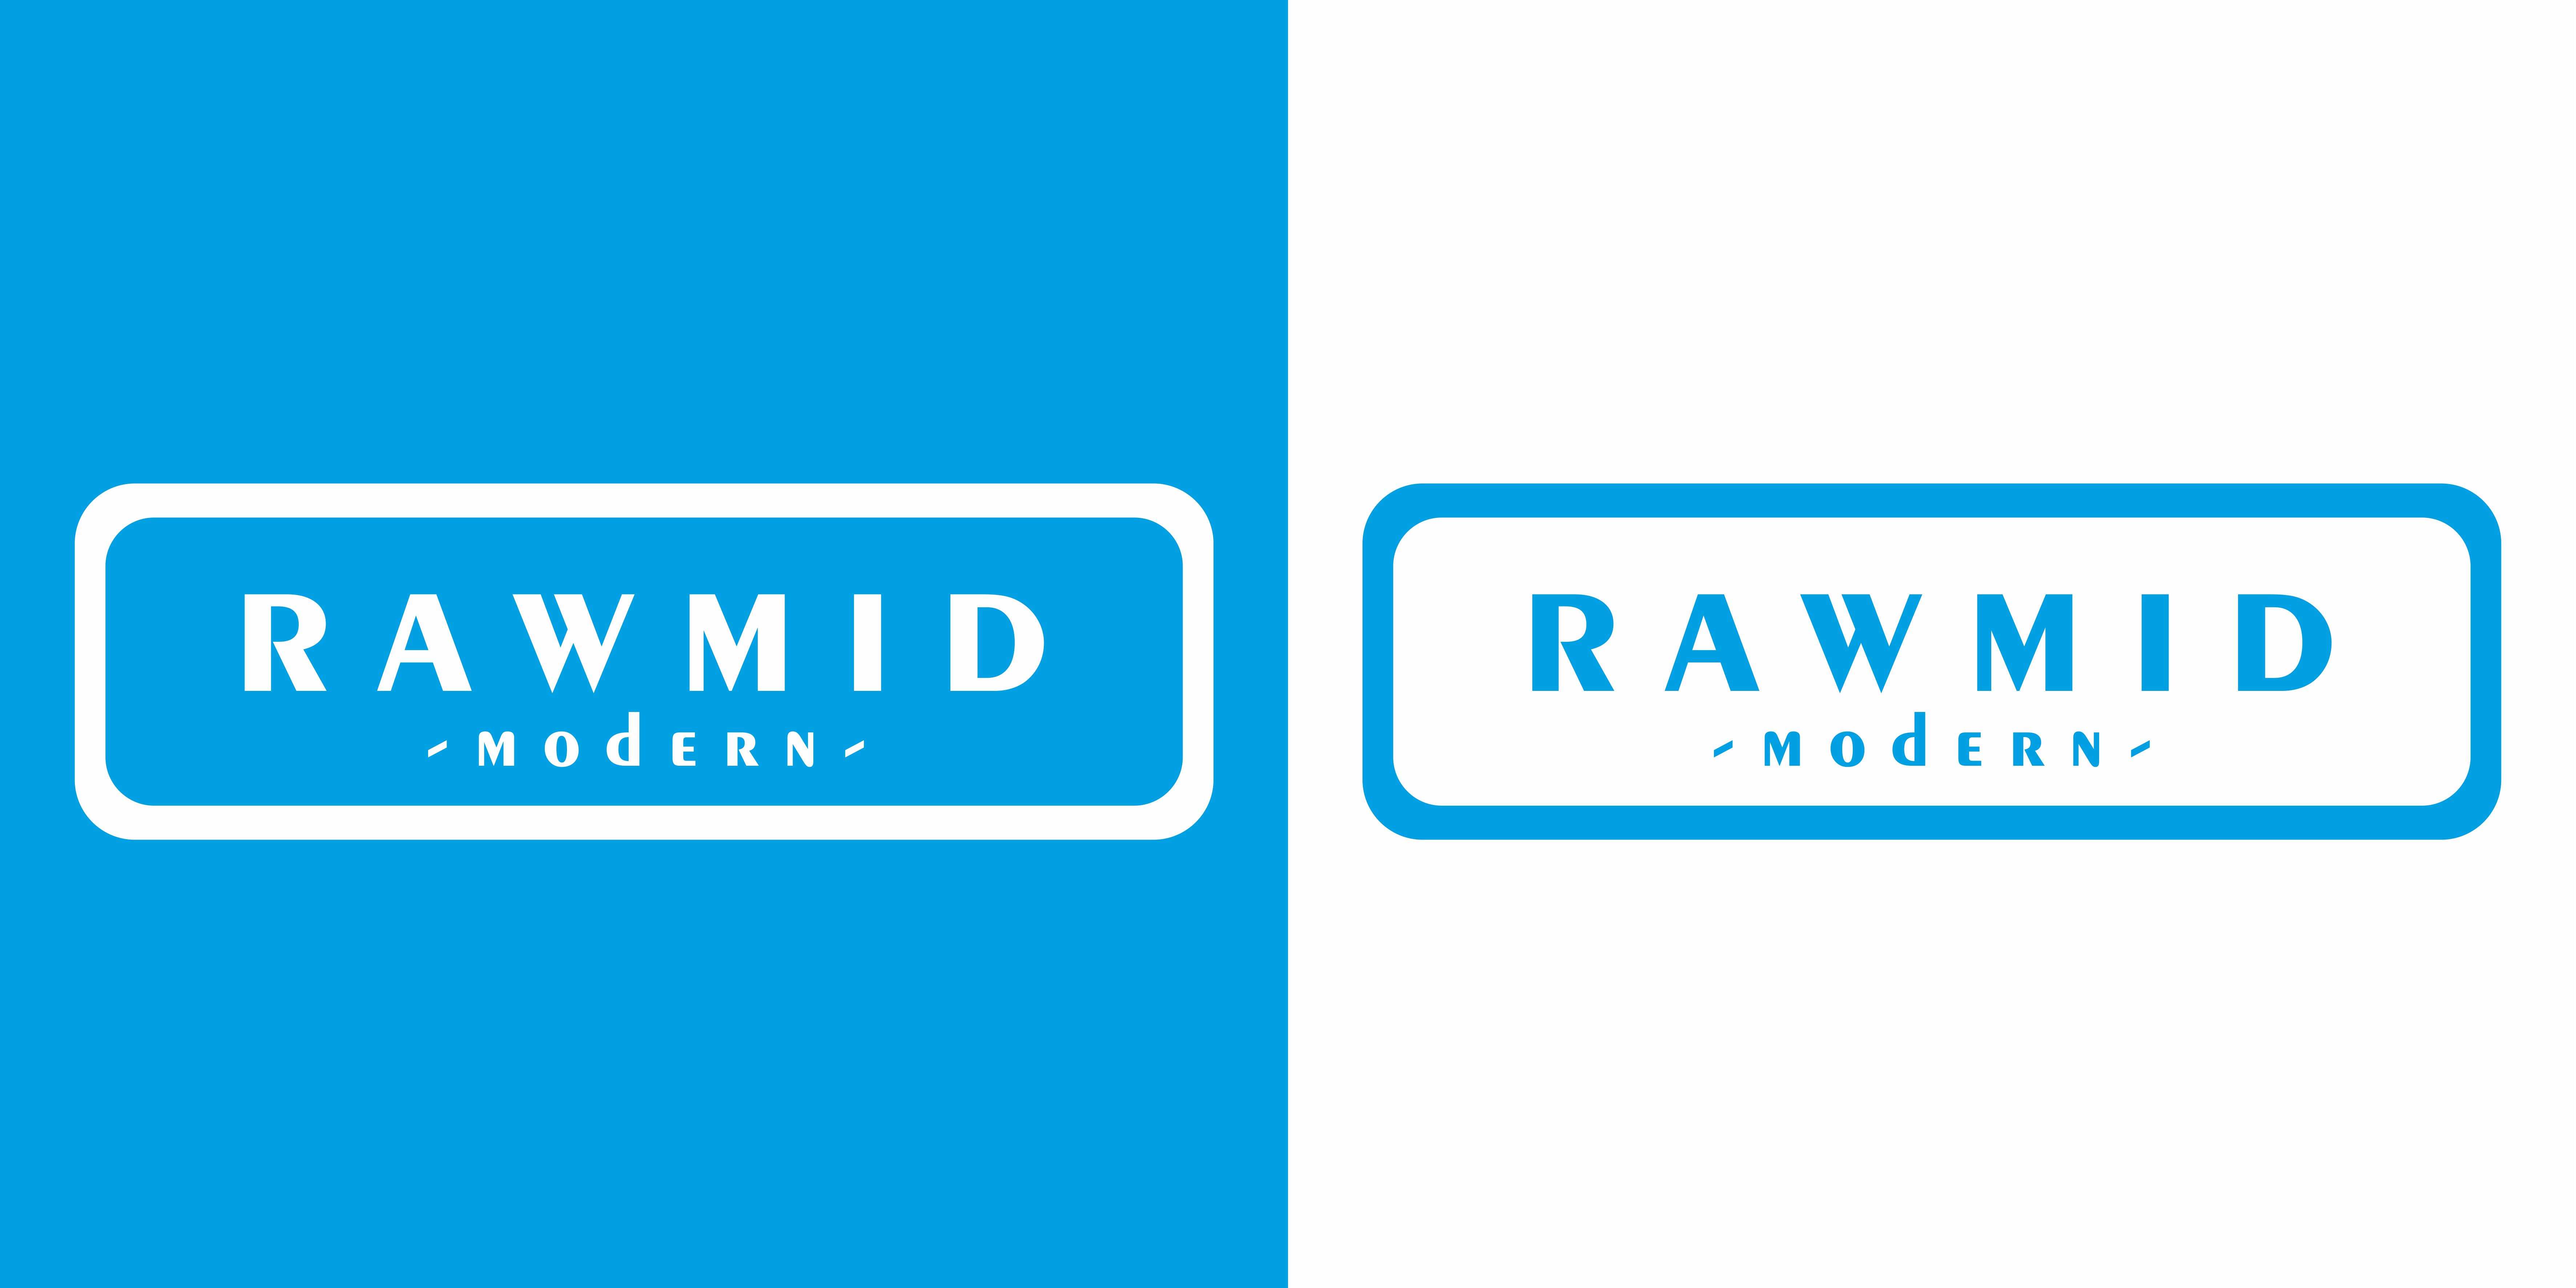 Создать логотип (буквенная часть) для бренда бытовой техники фото f_0695b4afd048f7d5.png